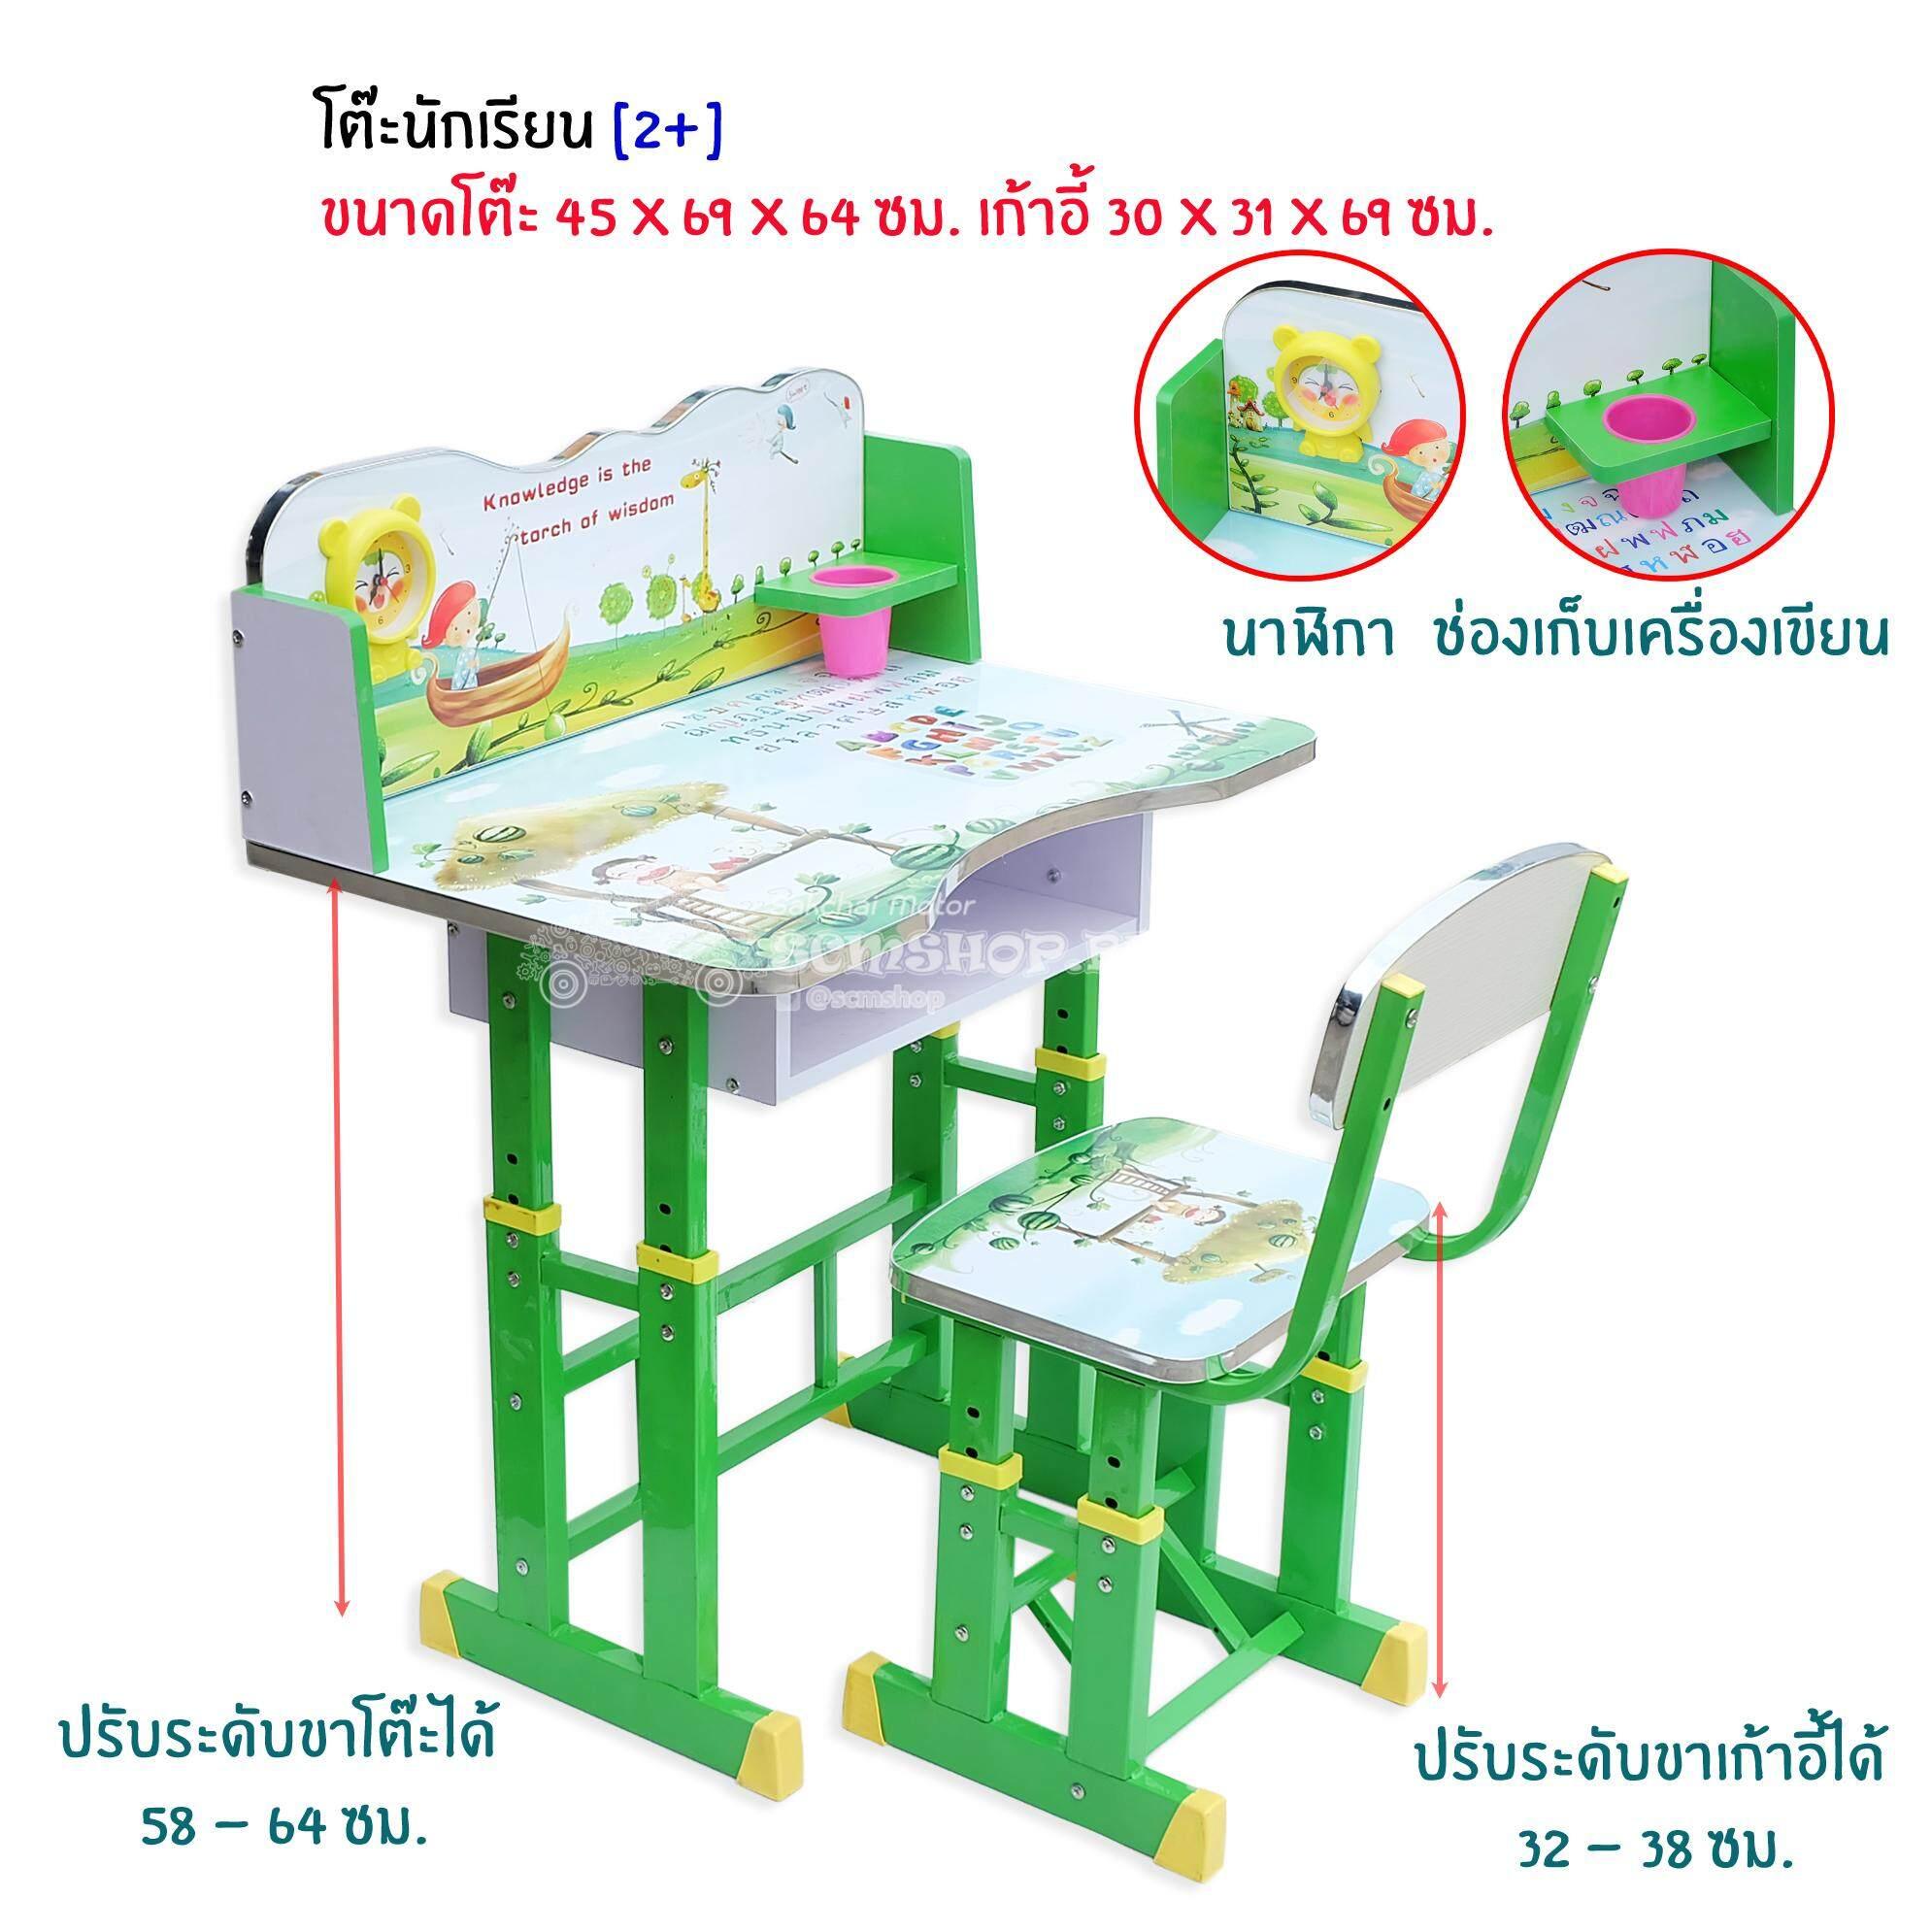 ชุดโต๊ะพร้อมเก้าอี้ไม้เขียนหนังสือปรับระดับได้ (ลายเถียงนาน้อยสีเขียว).